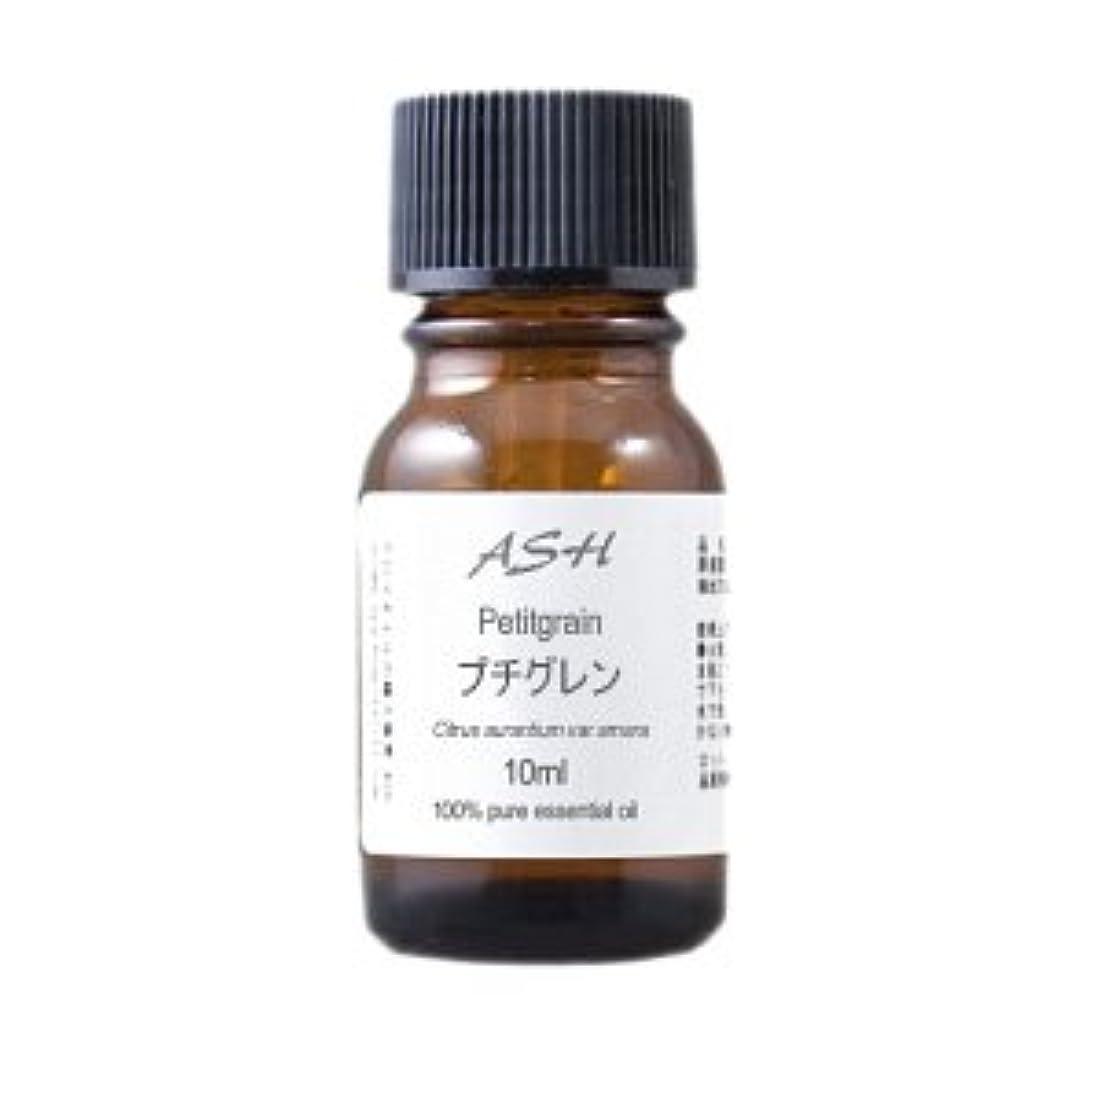 脅迫成功する道ASH プチグレン エッセンシャルオイル 10ml AEAJ表示基準適合認定精油